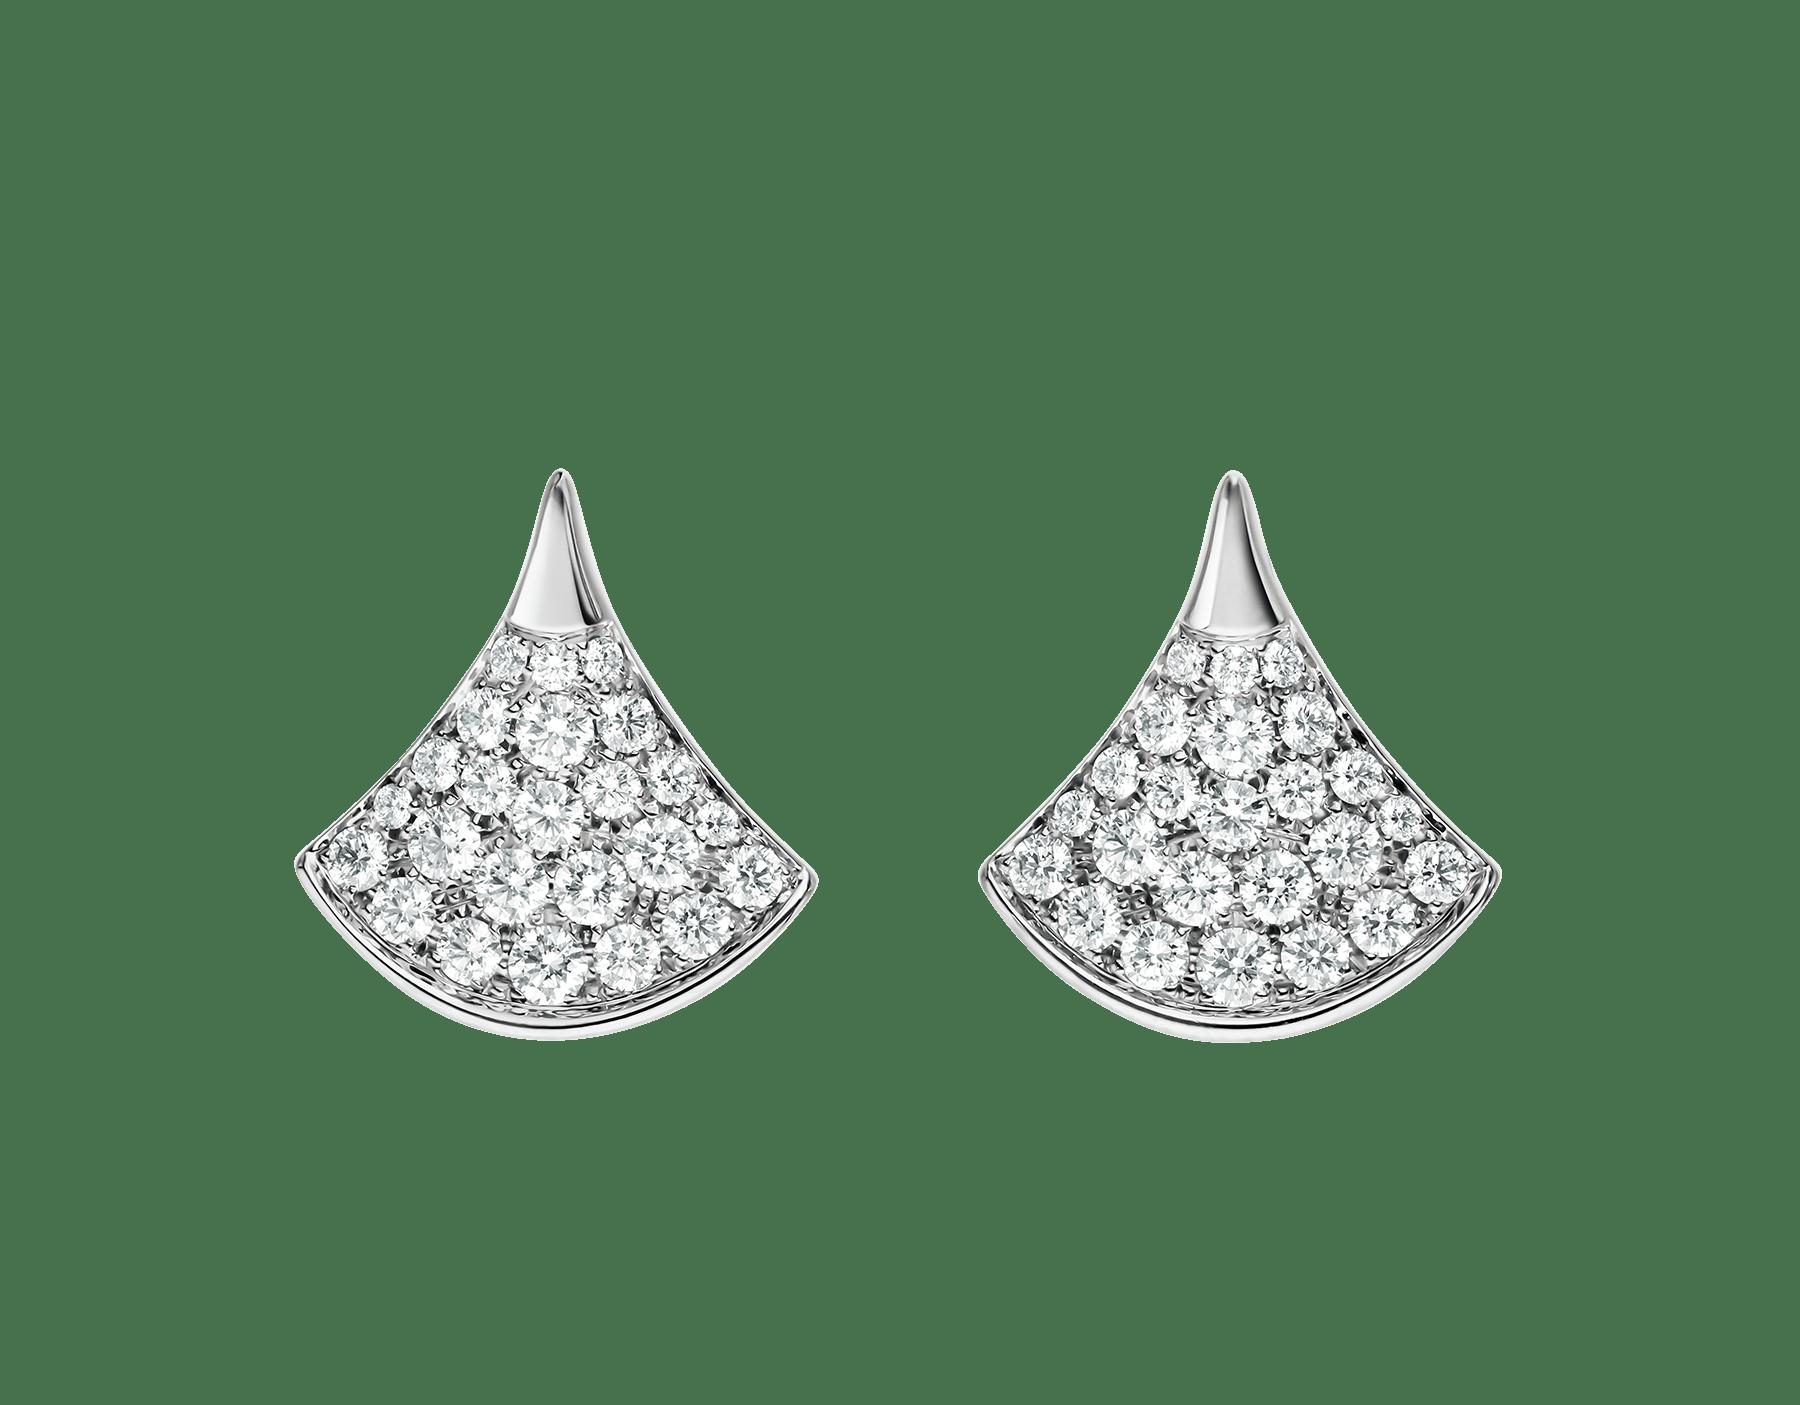 Les boucles d'oreilles DIVAS' DREAM révèlent l'élégance raffinée de chaque diva grâce à la pureté de leur silhouette féminine et l'association classique et intemporelle du pavé diamants et de l'or blanc. 352602 image 1